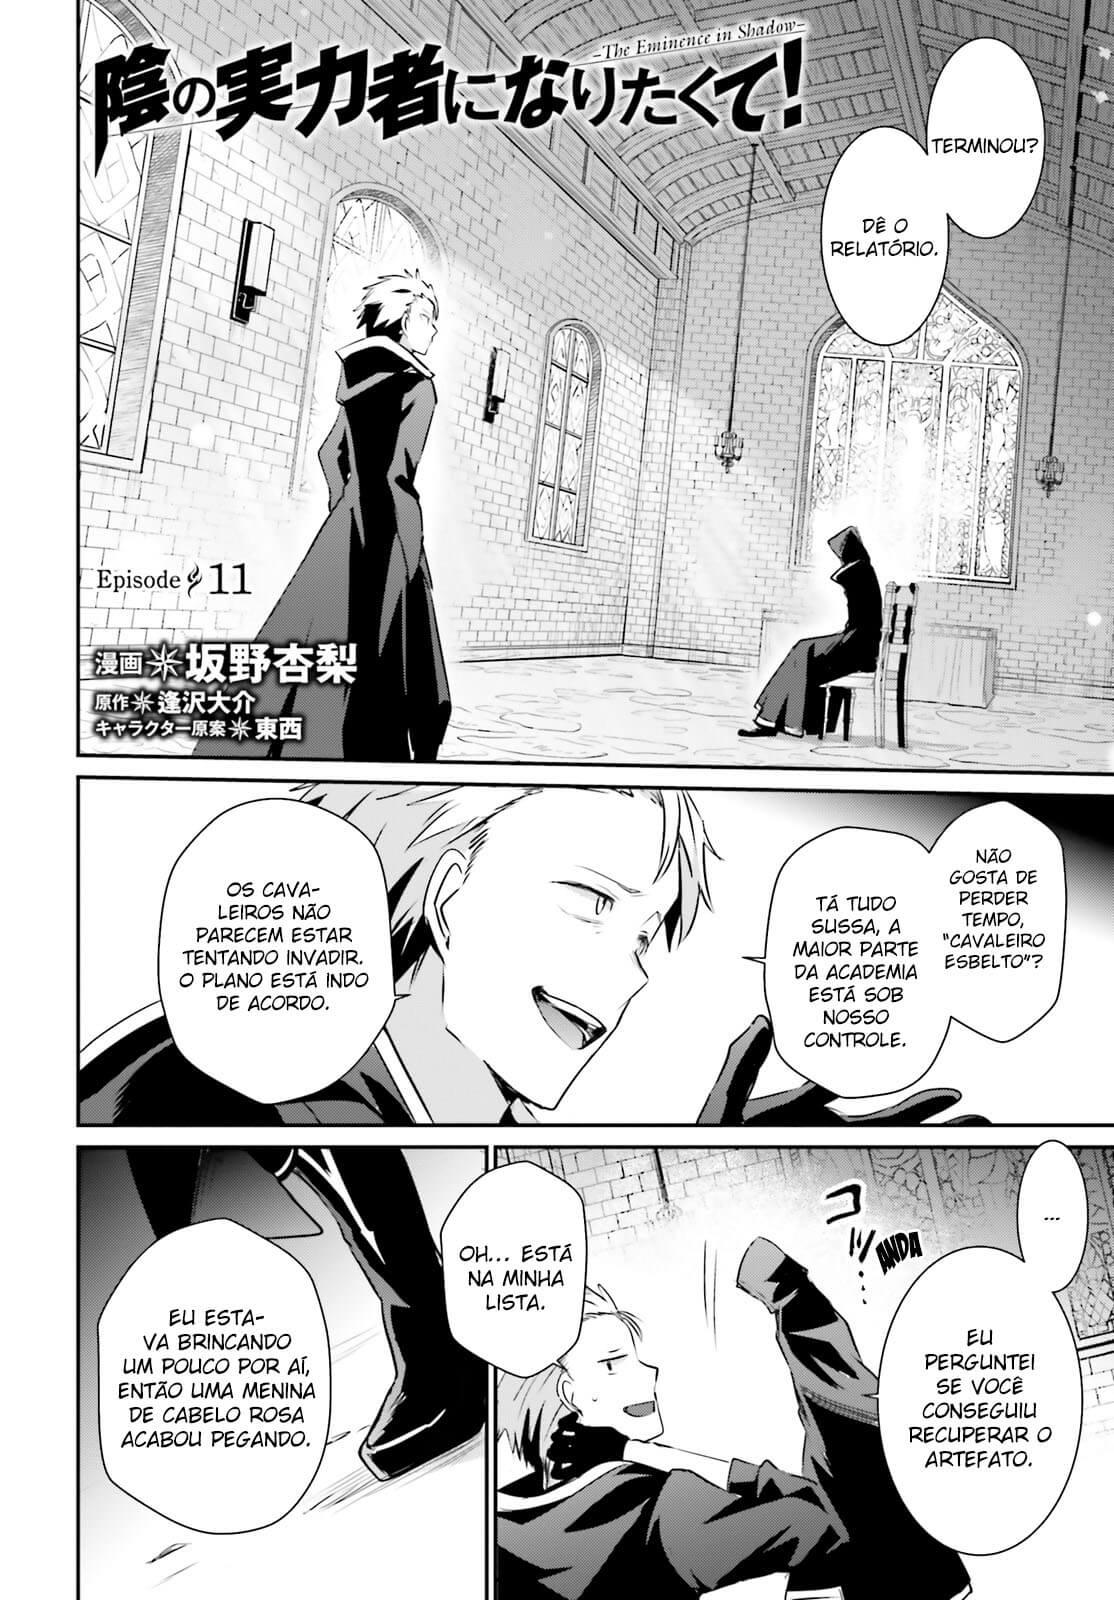 Kage no Jitsuryokusha ni Naritakute / The Eminence In Shadow Mangá Online Capítulo 11